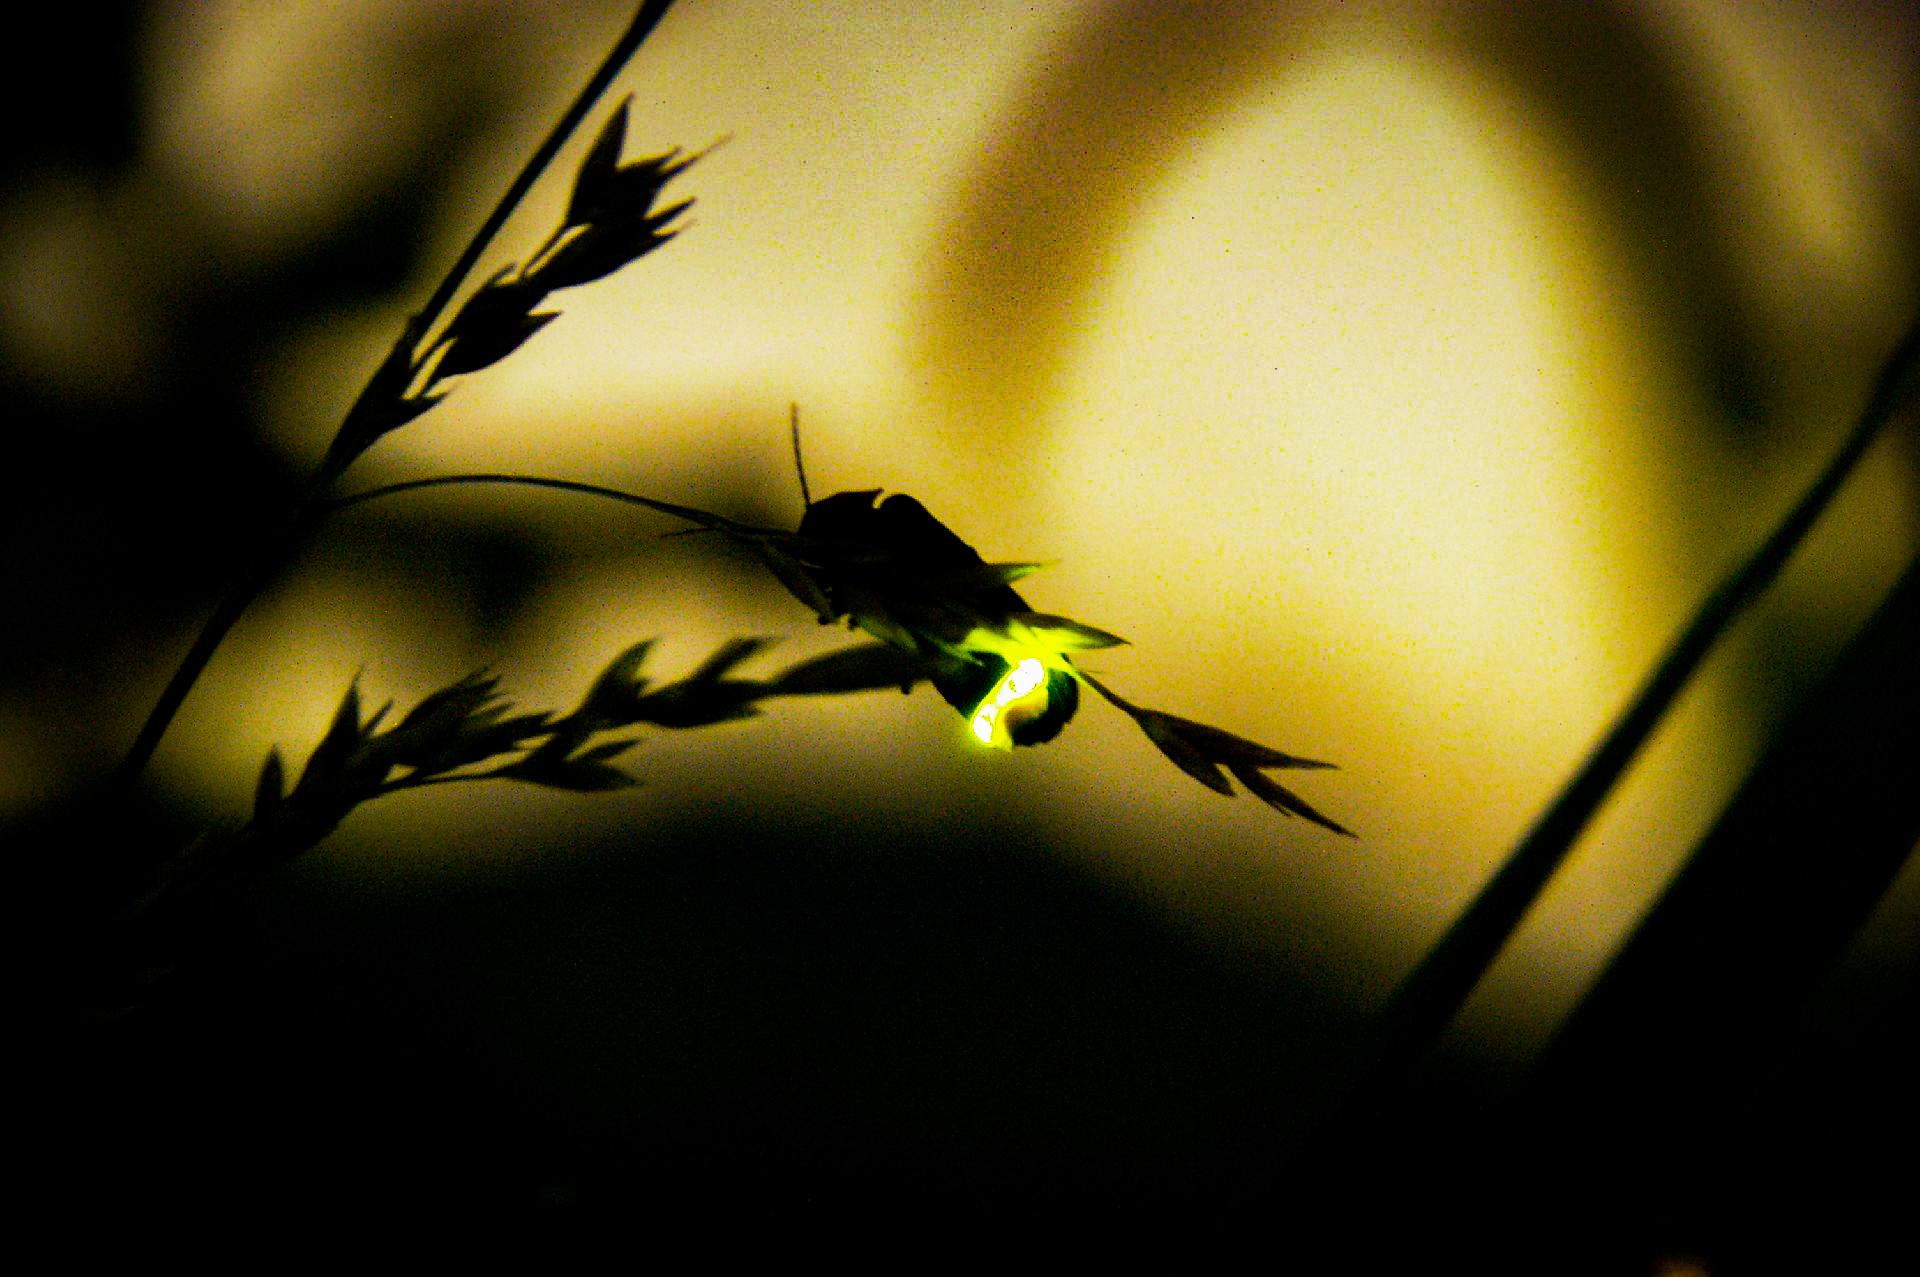 日没後わずか数時間しか見ることのできないヤエヤマヒメボタル